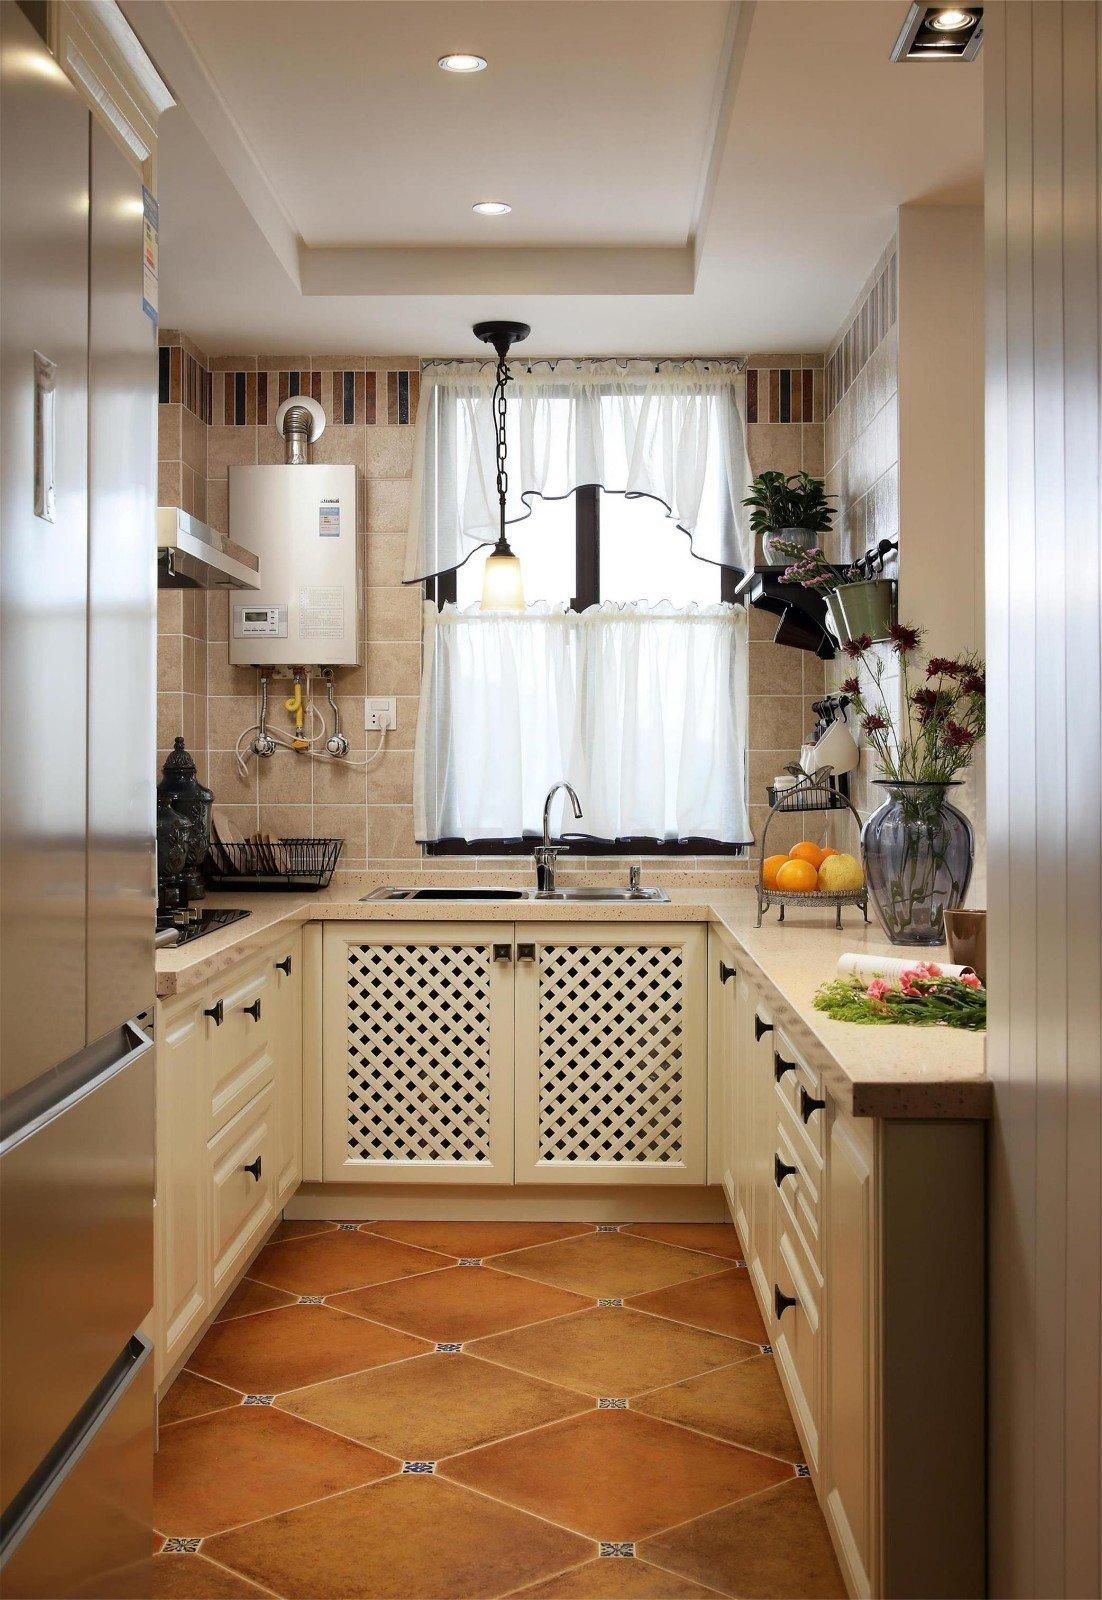 砖砌中岛美式厨房